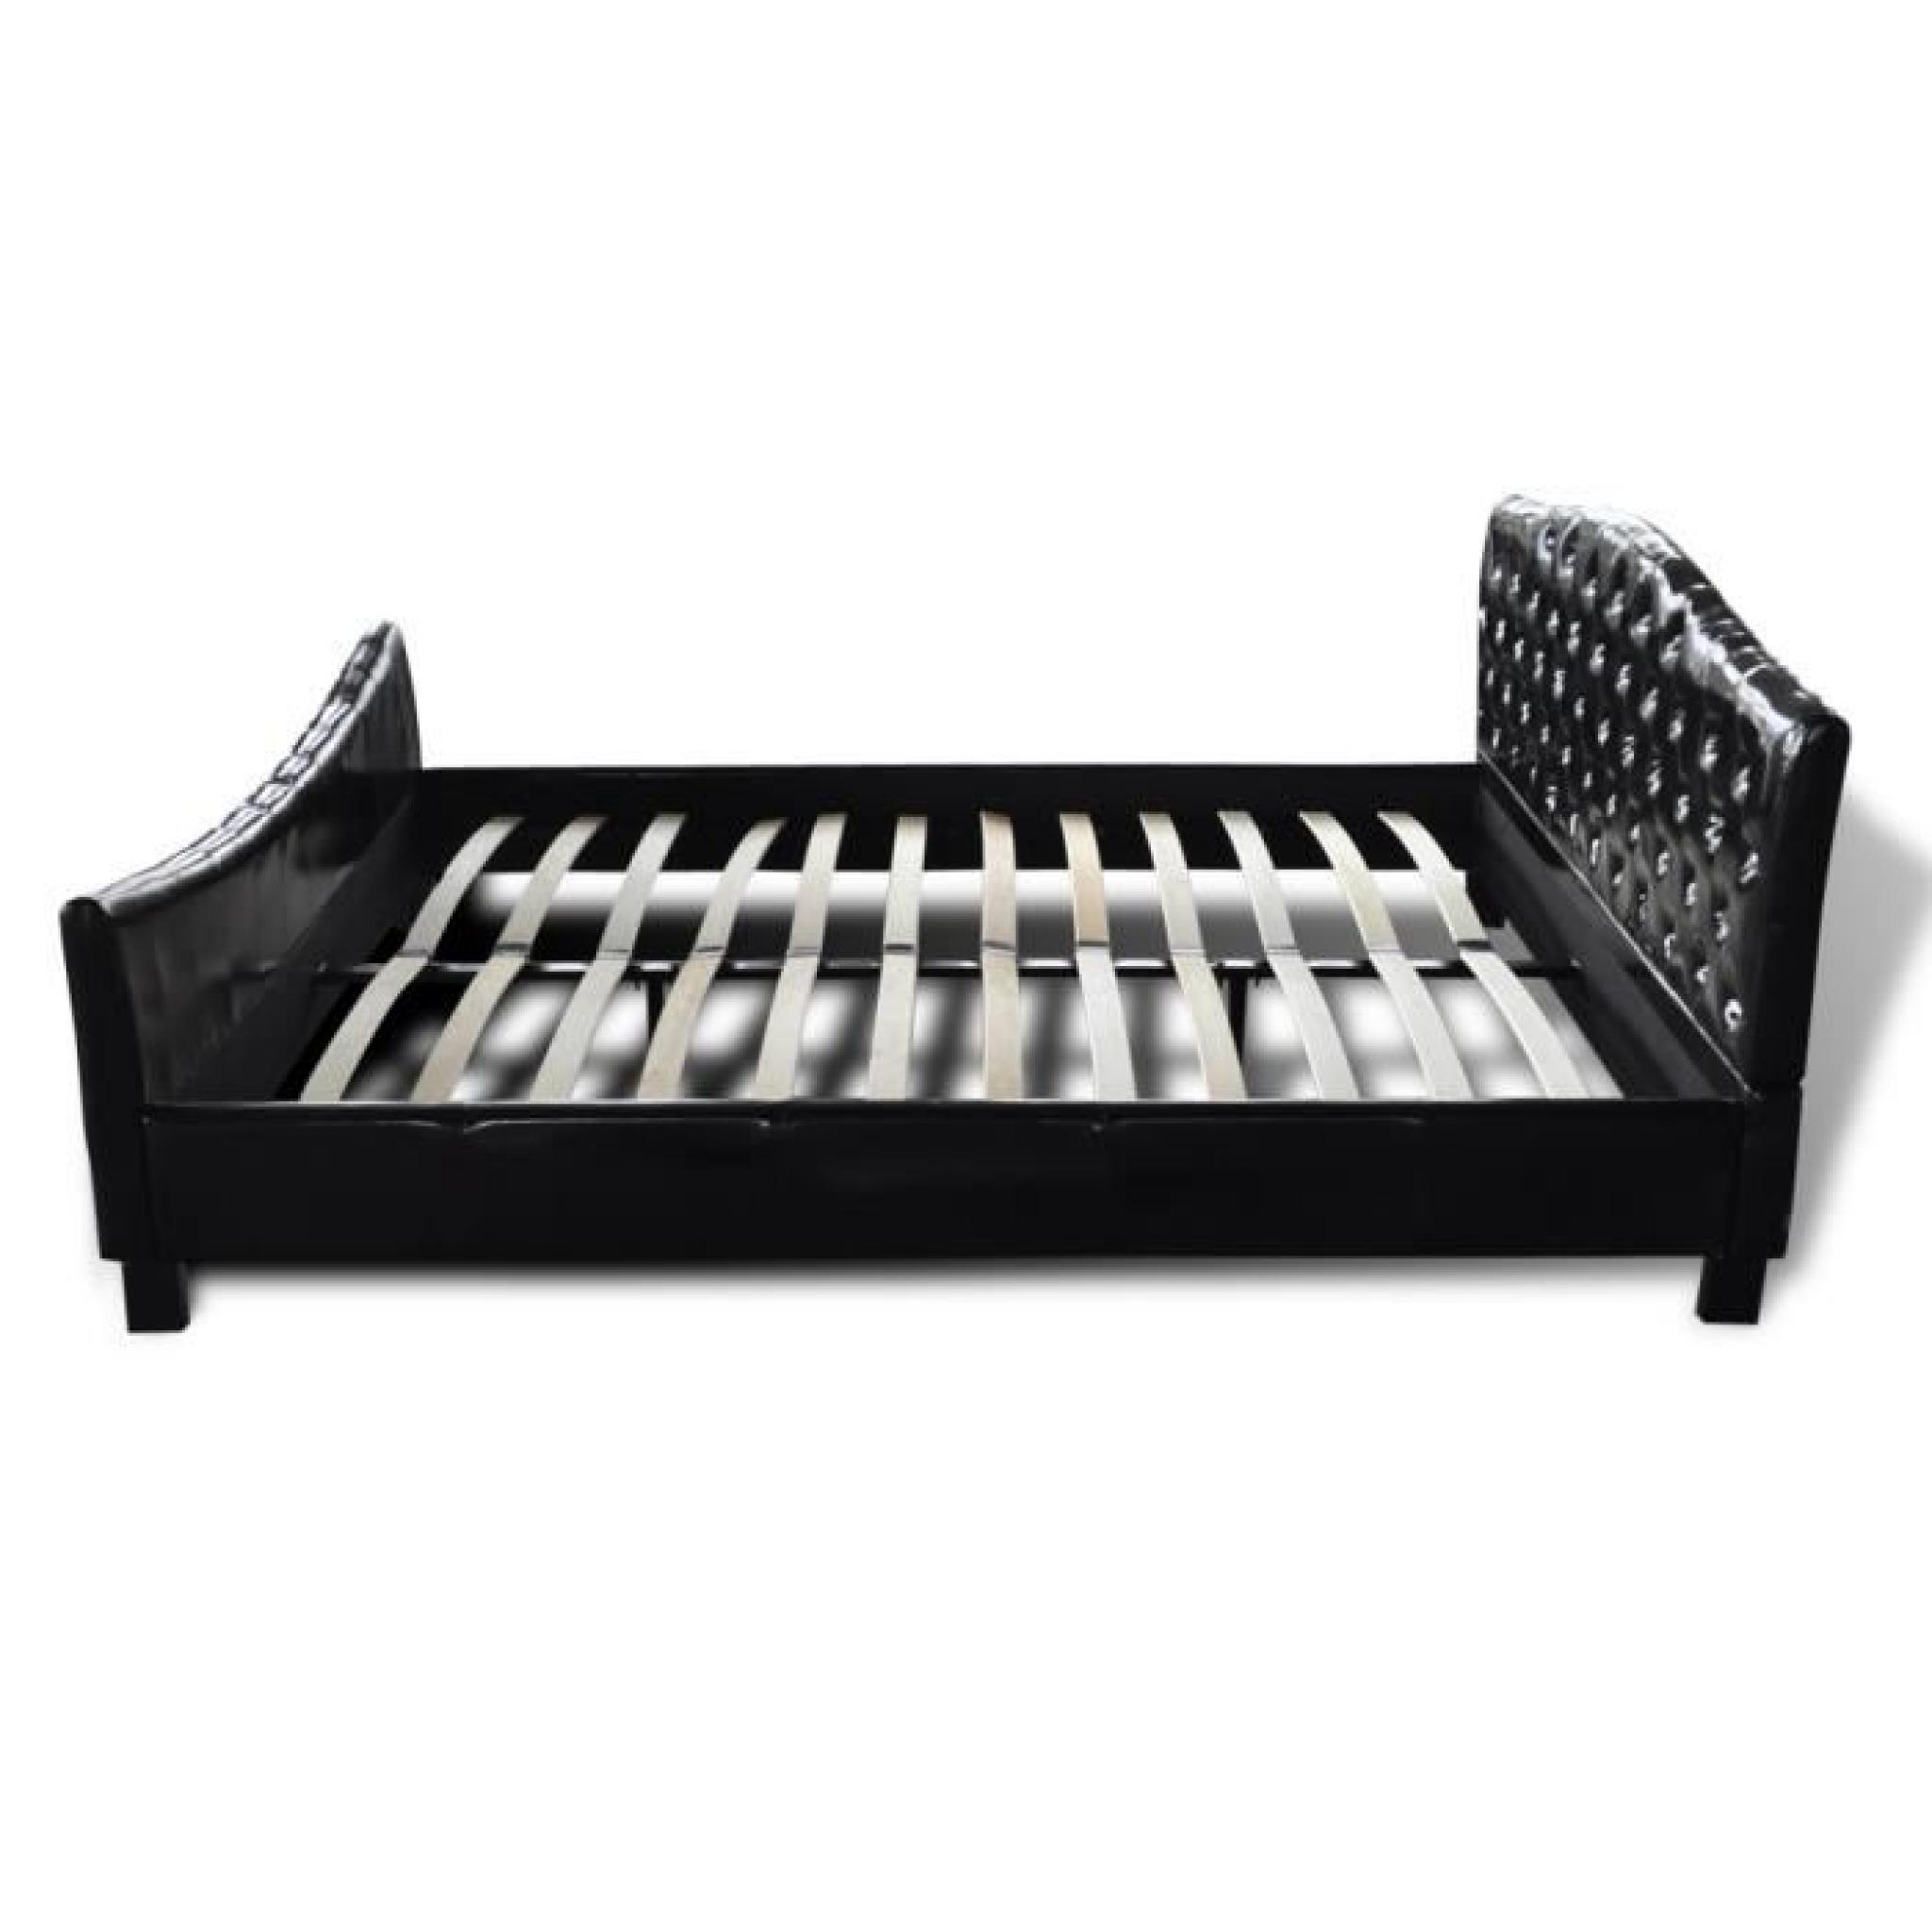 lit diamant 180x200 en cuir noir avec cristaux achat vente lit pas cher couleur et. Black Bedroom Furniture Sets. Home Design Ideas